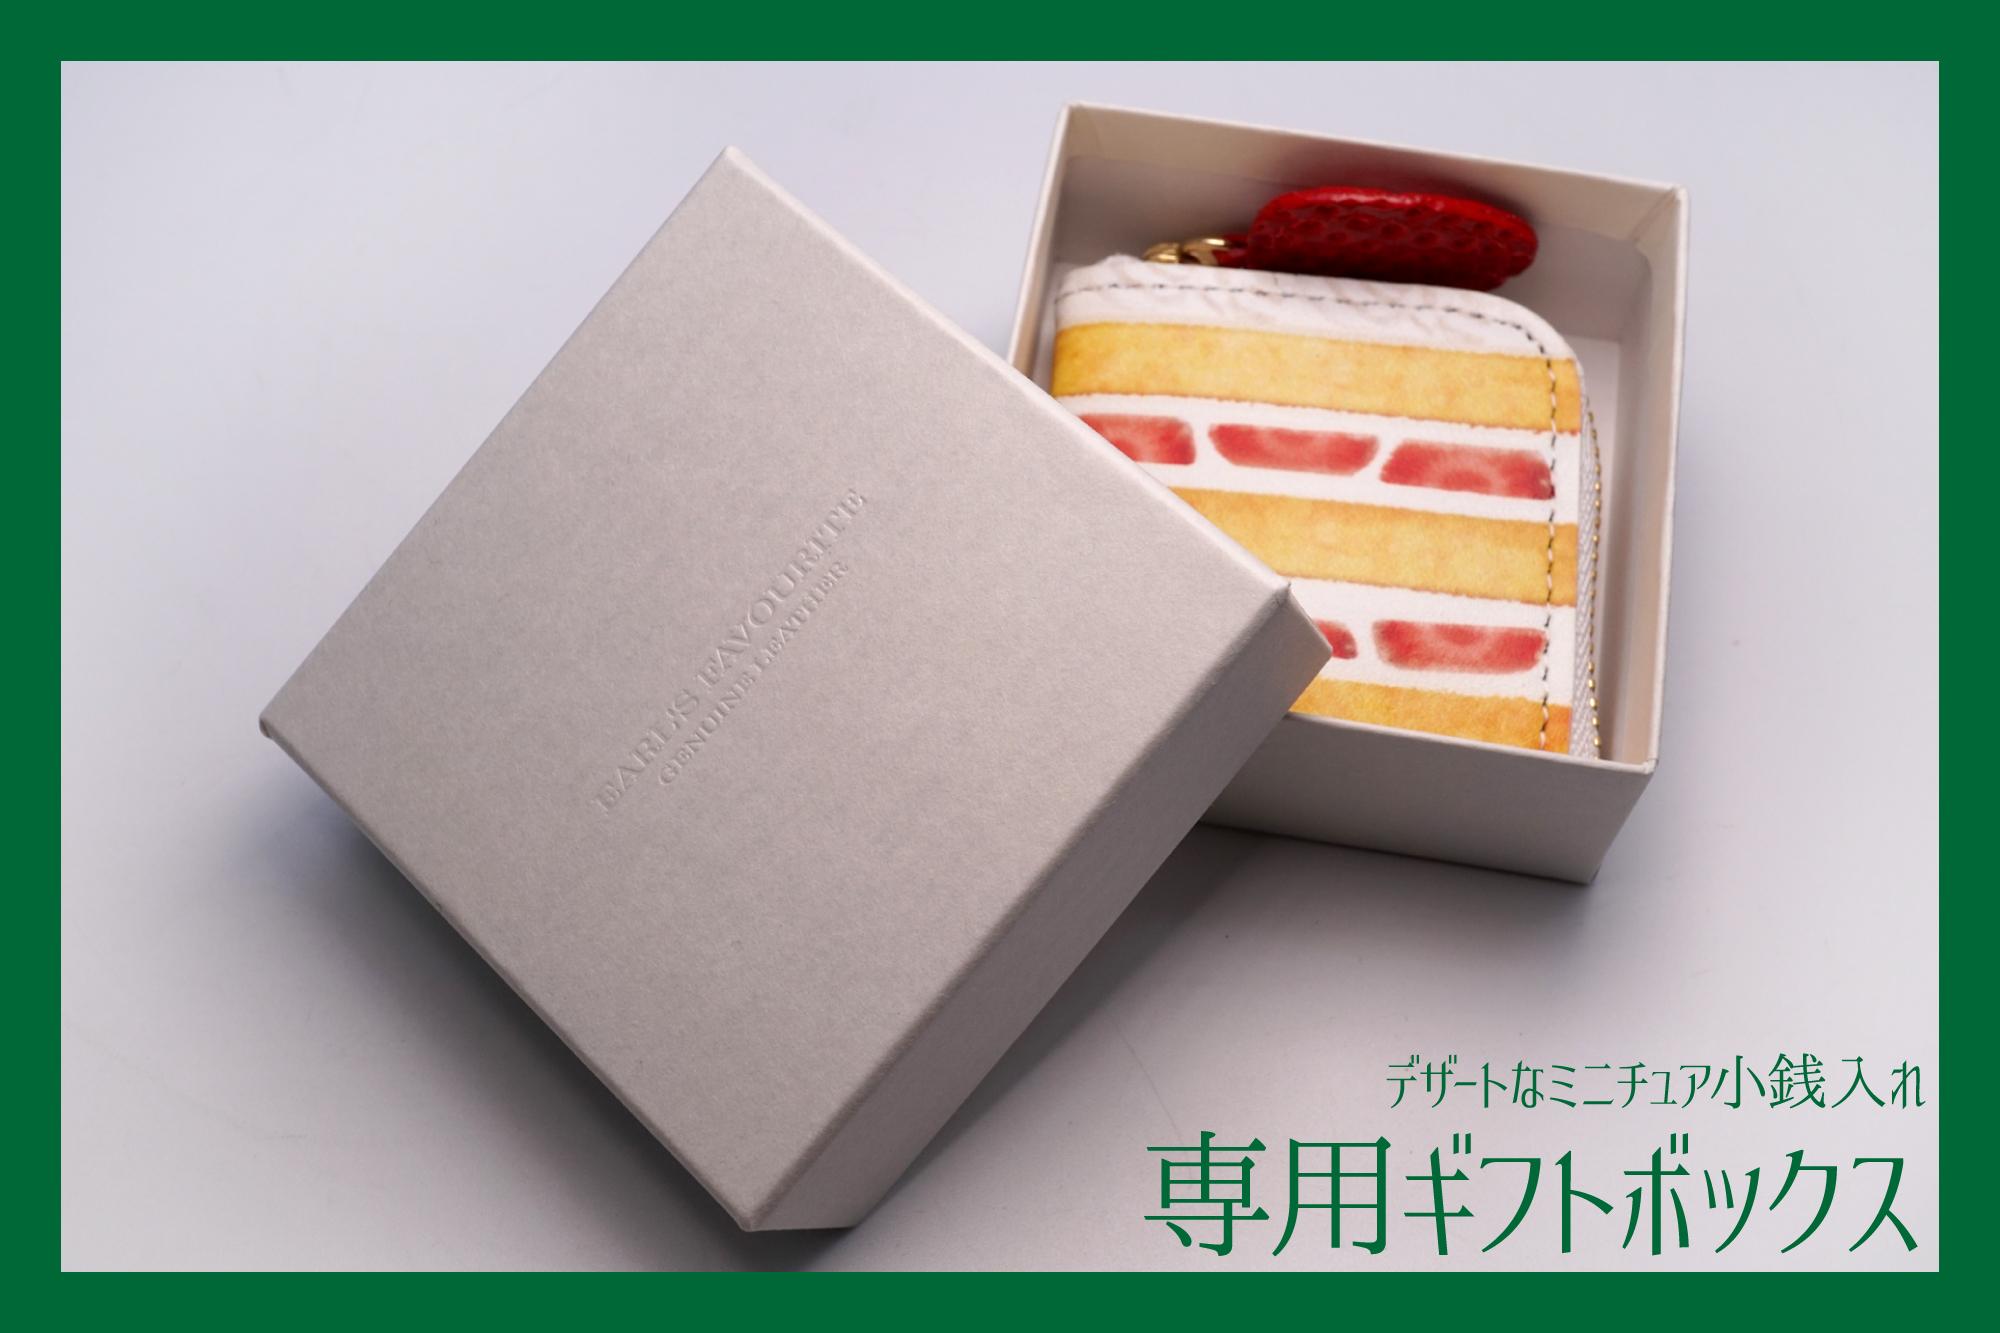 【オプション】デザートなミニチュア小銭入れ専用ギフトボックス